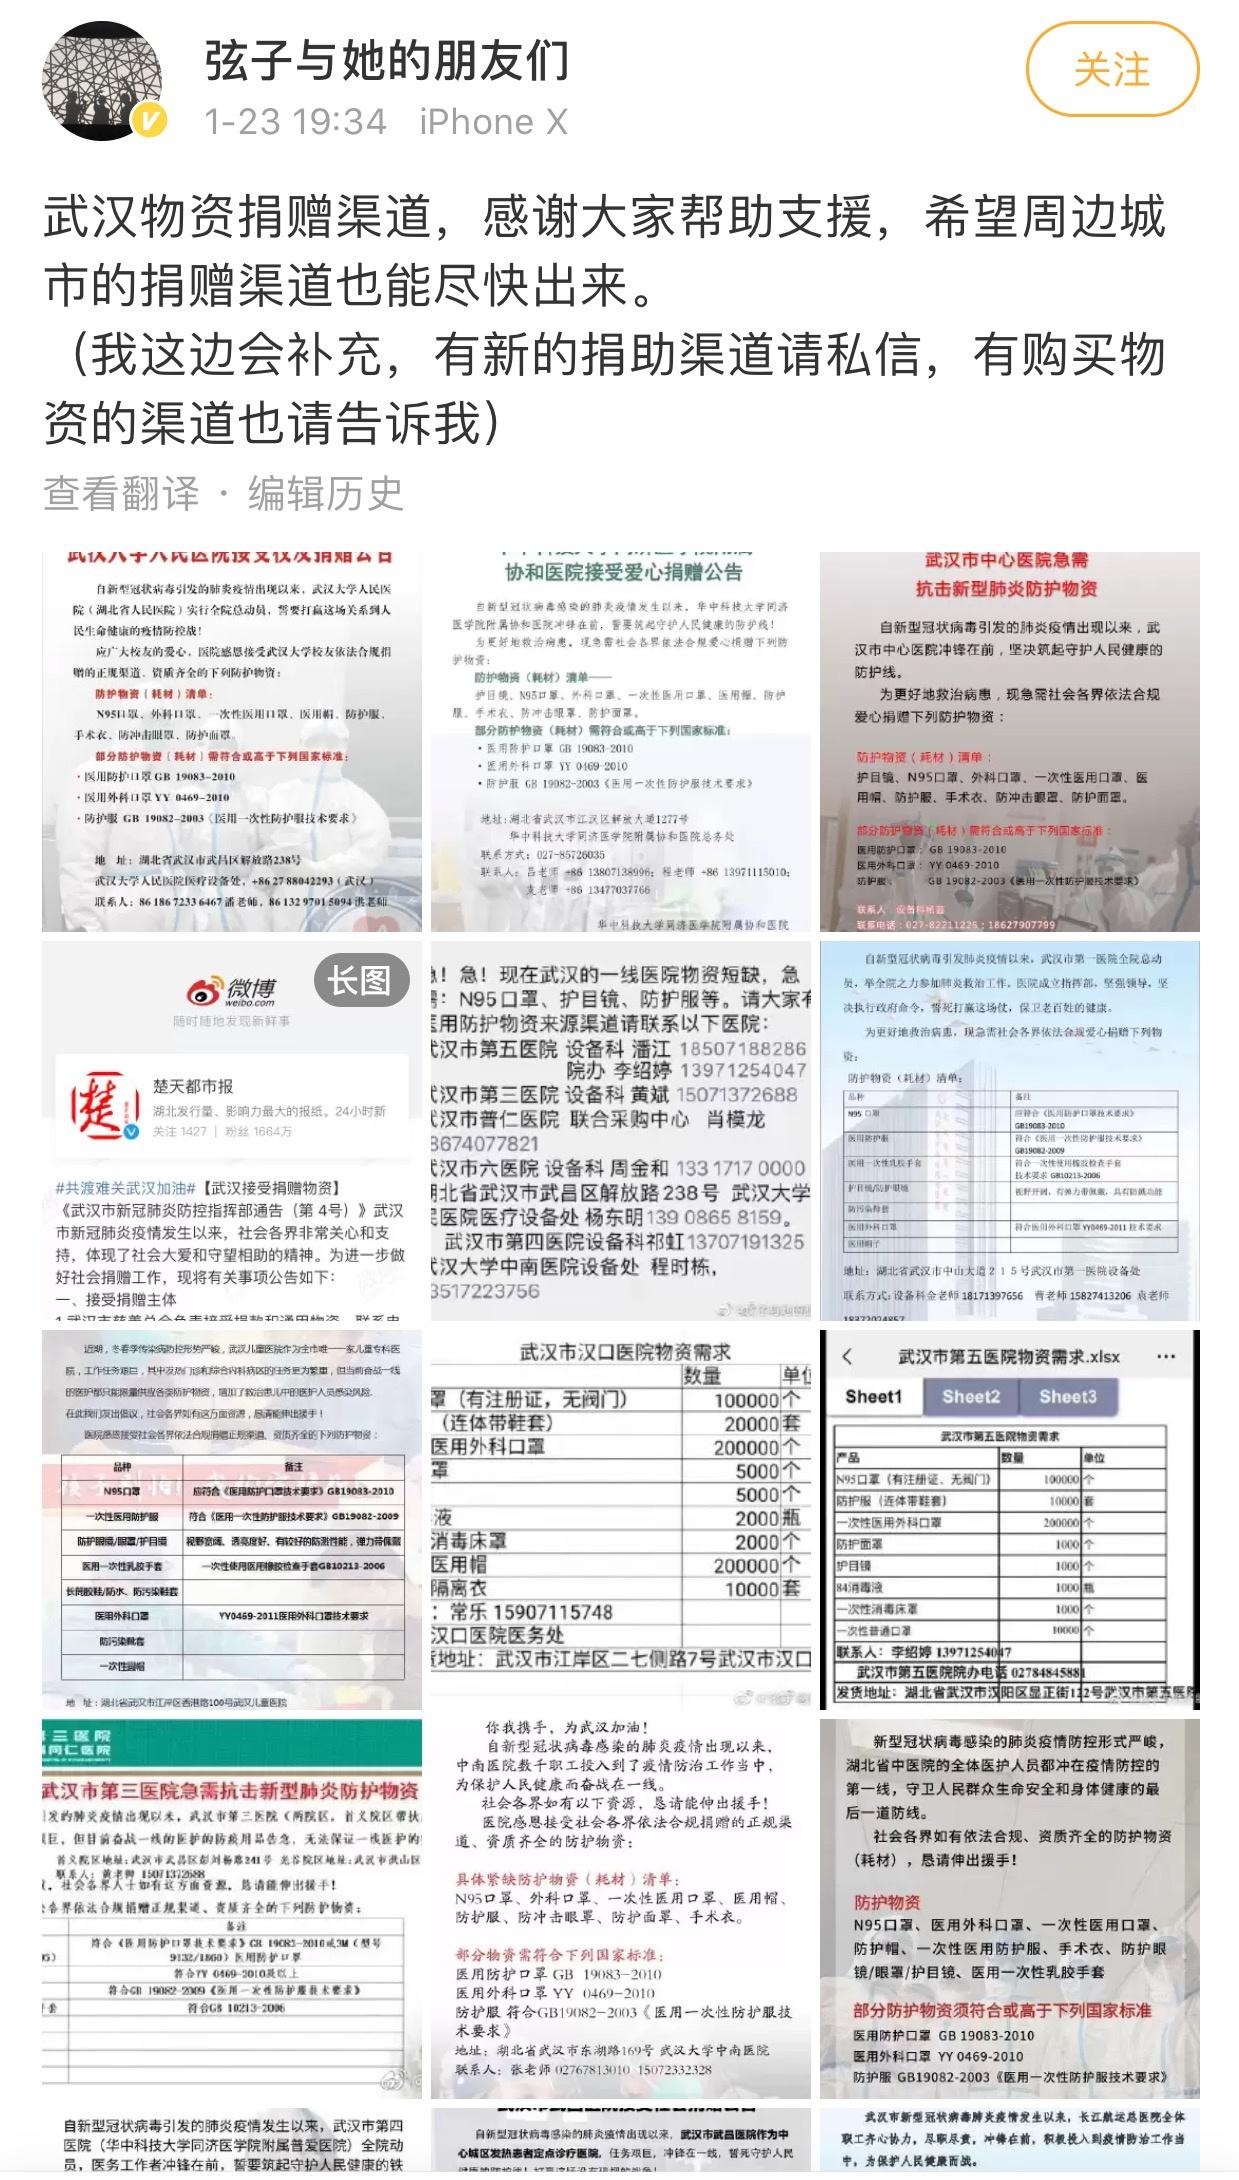 博主@弦子和她的朋友们 整理的武汉各医院的求助信息